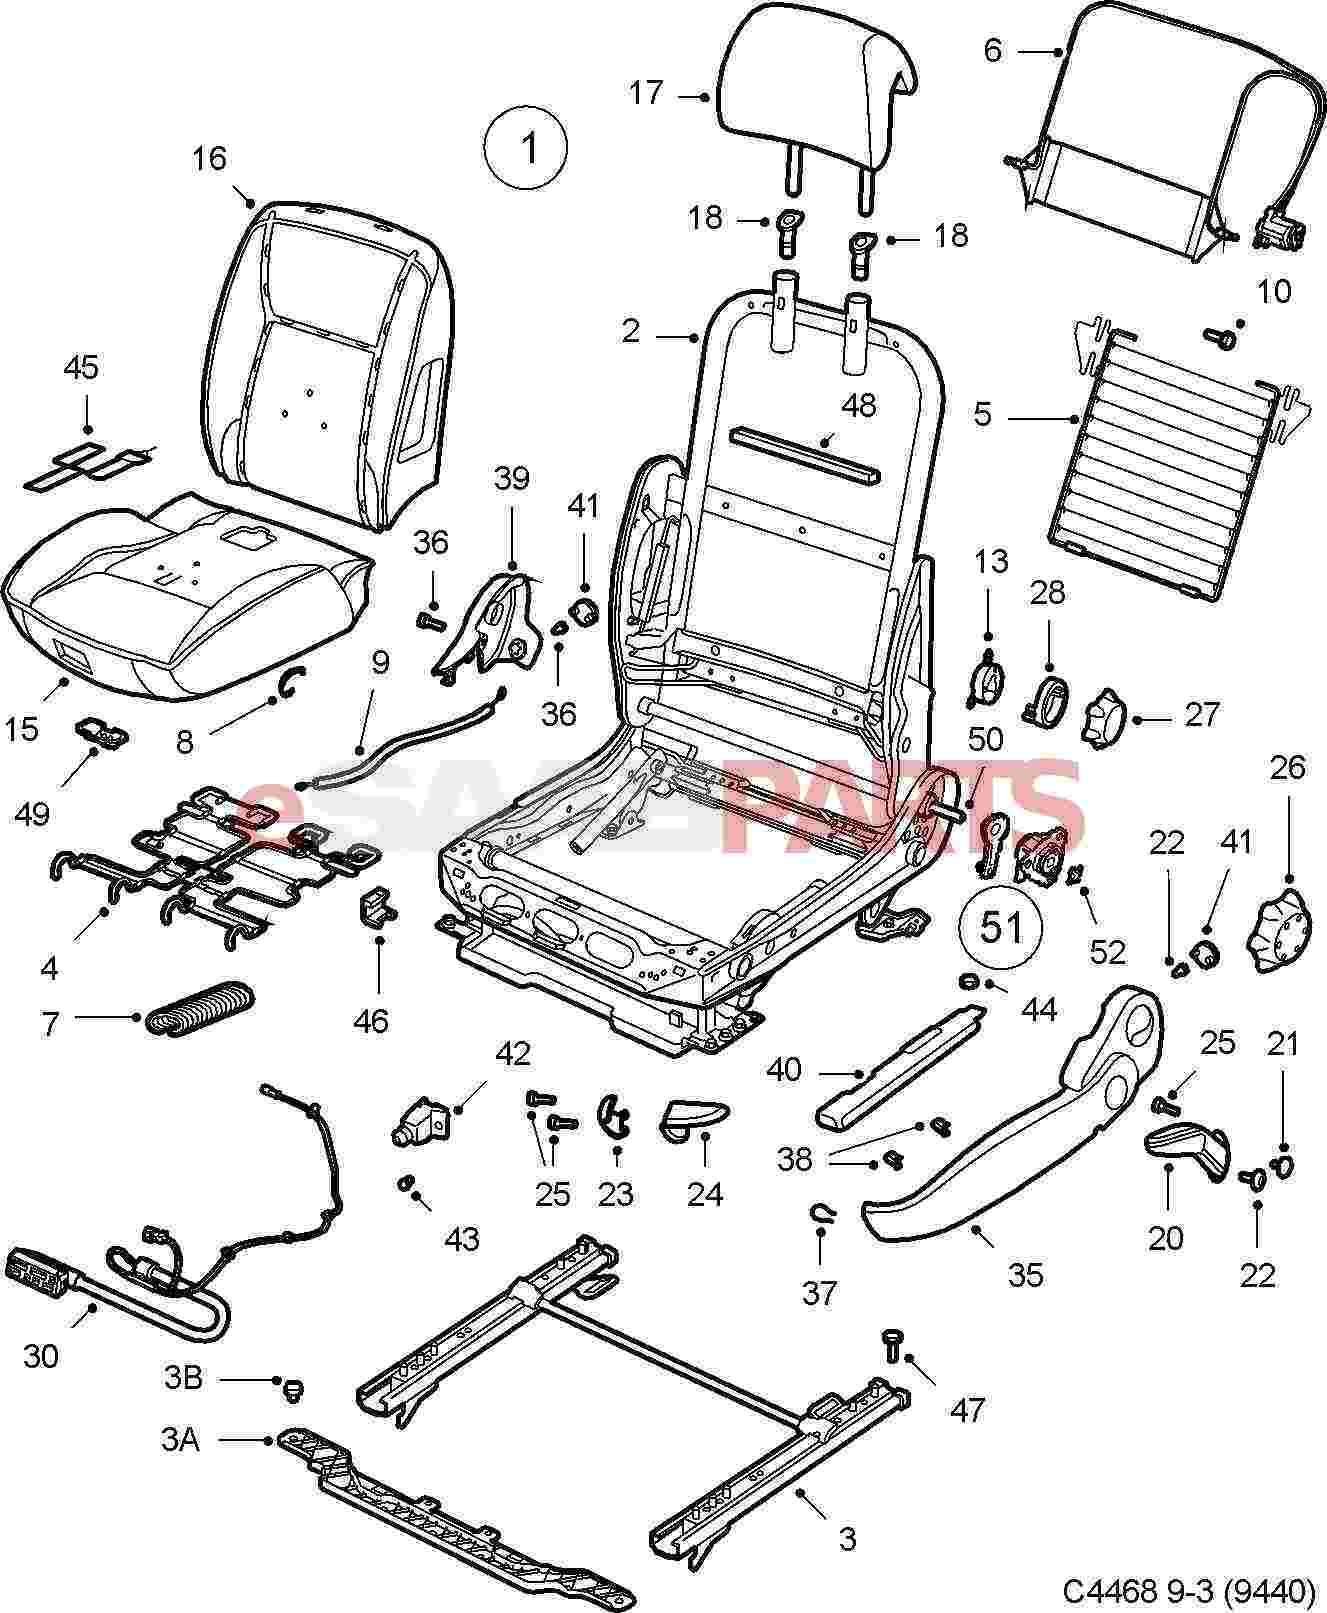 Saab 93 Airbag Wiring Diagram Wire Data Schema Schematics Images Gallery